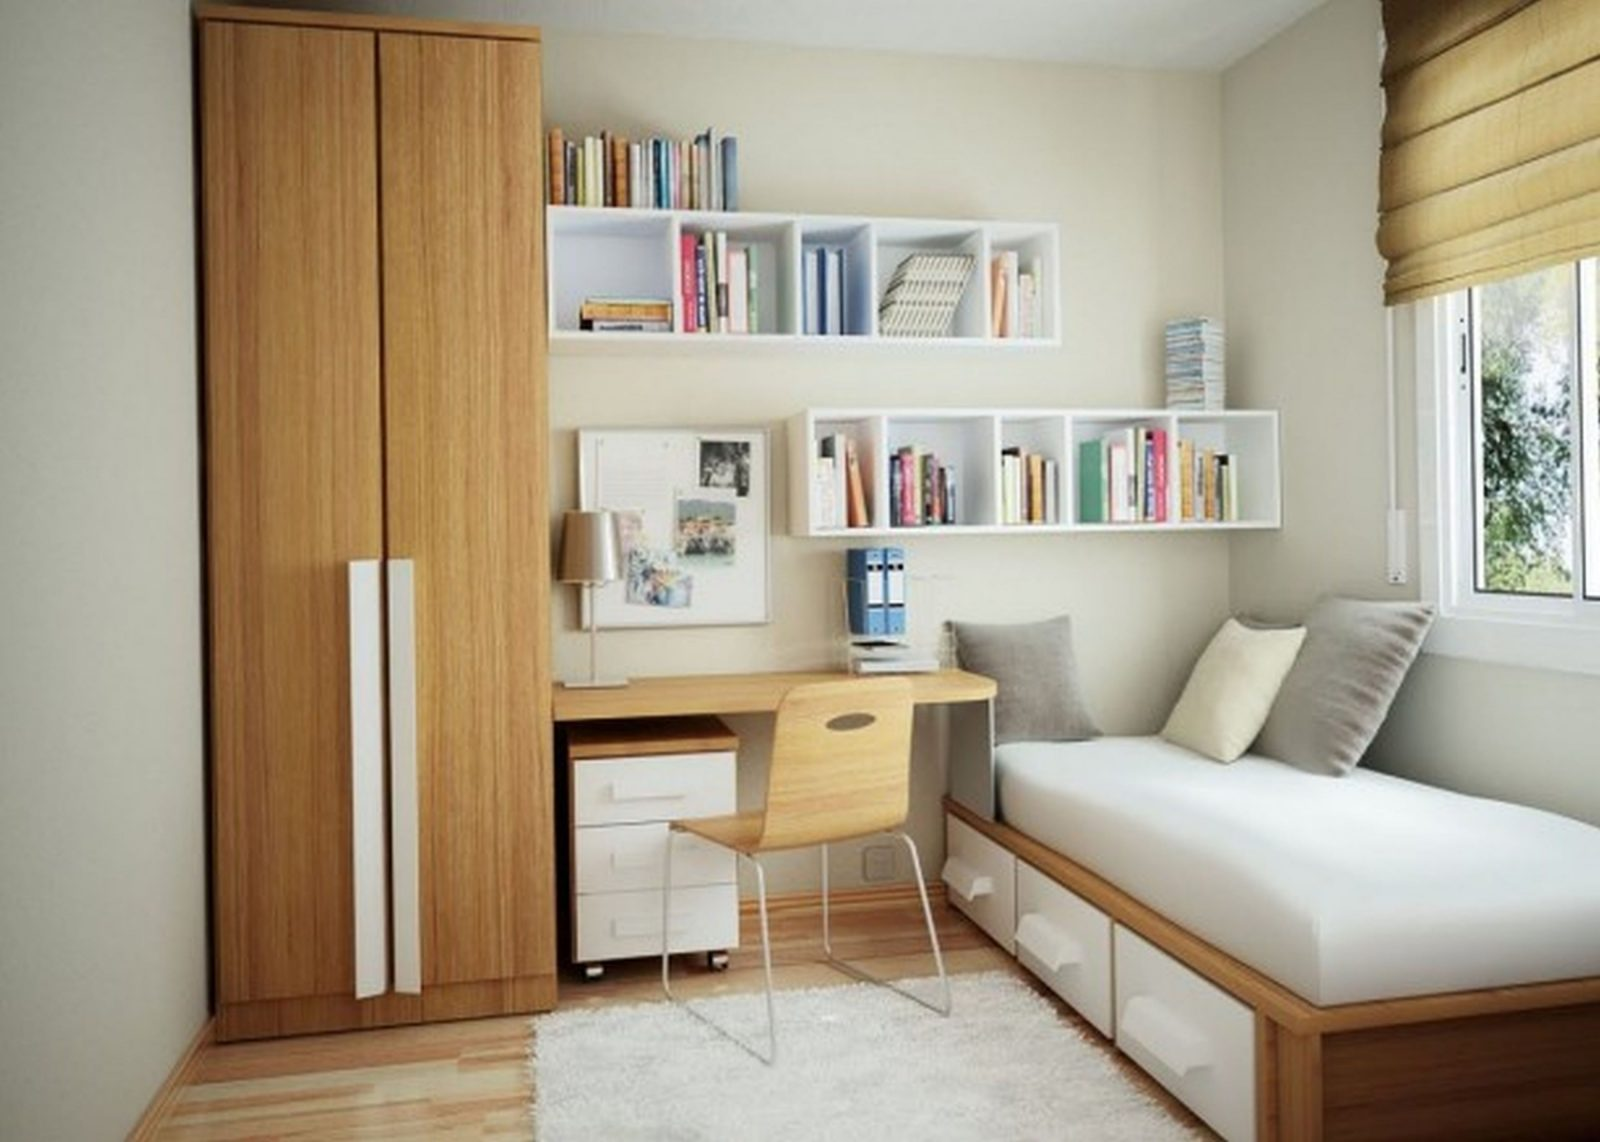 Niedlich Teenager Informieren Mädchen Raum Dekor Ideen Kleine von Schlafzimmer Ideen Kleine Räume Photo